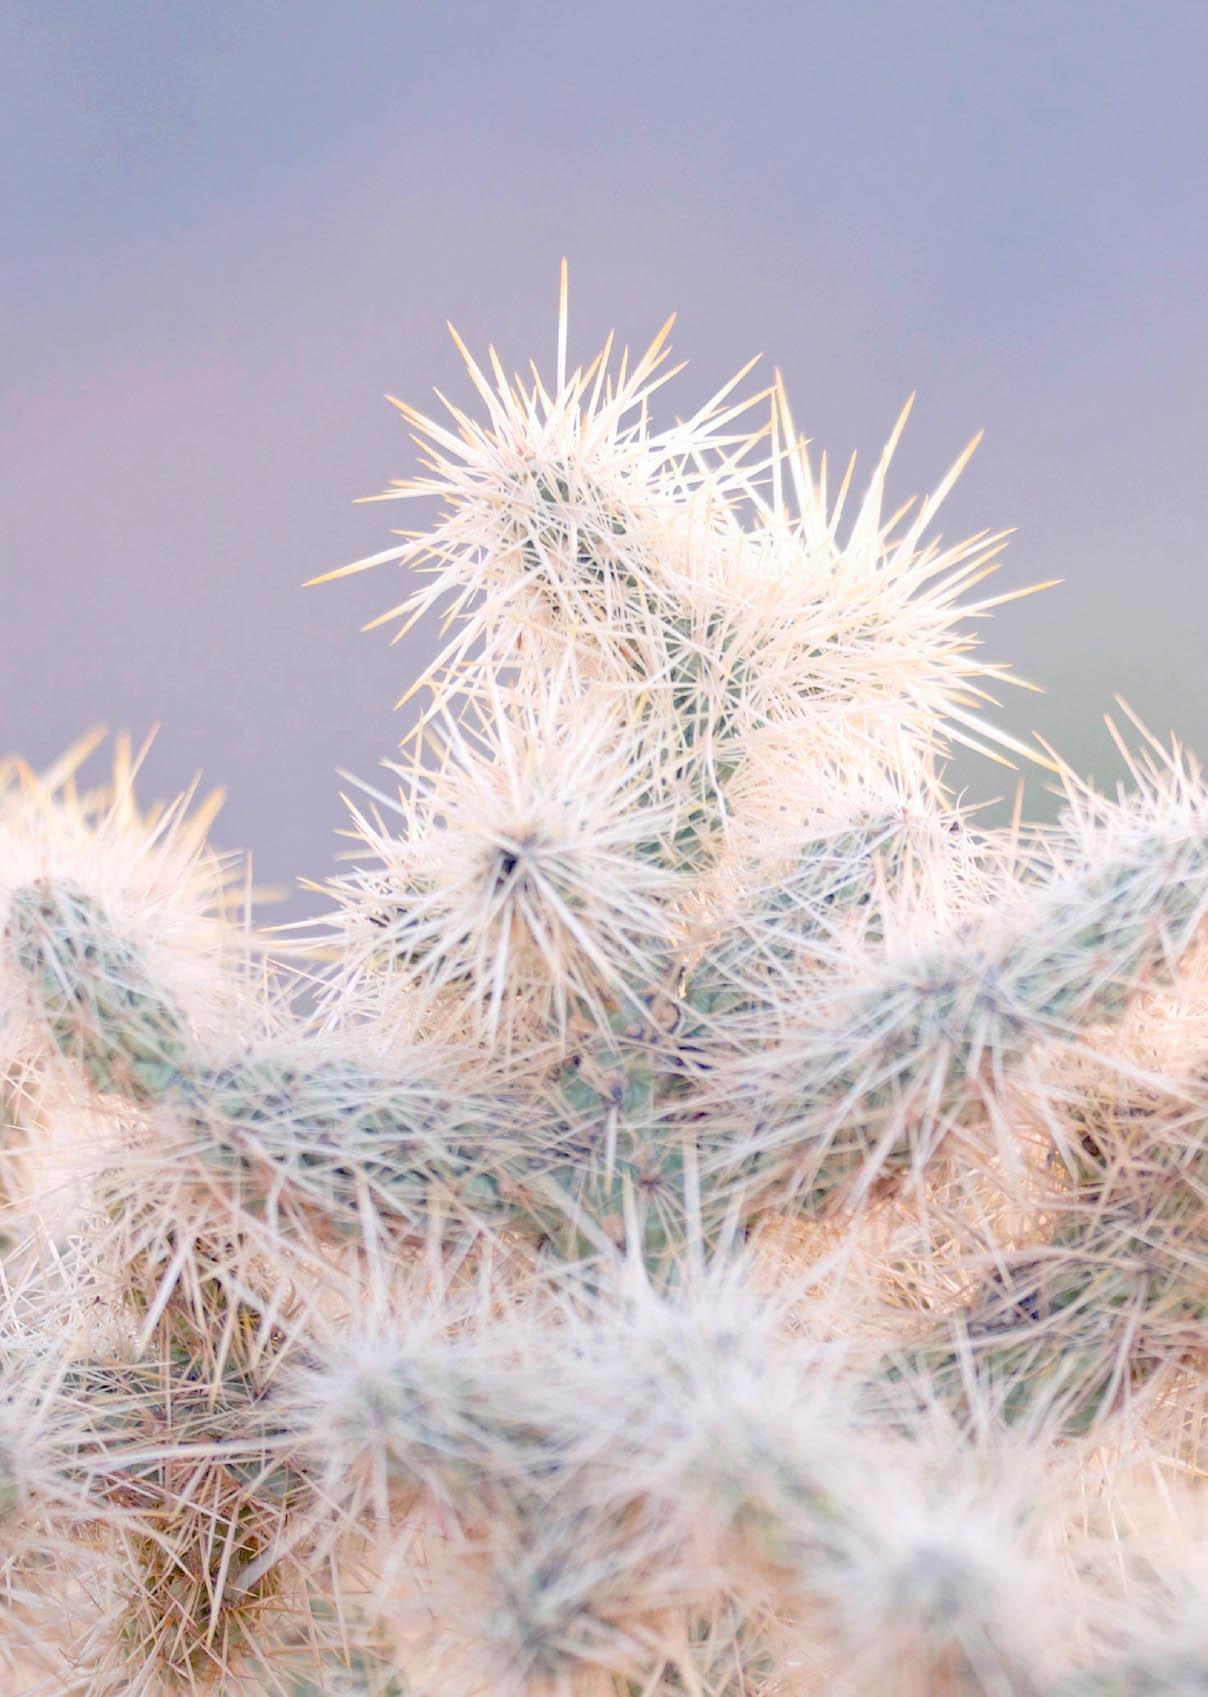 Joshua_Tree_Cactus4_kick_spark©.jpg